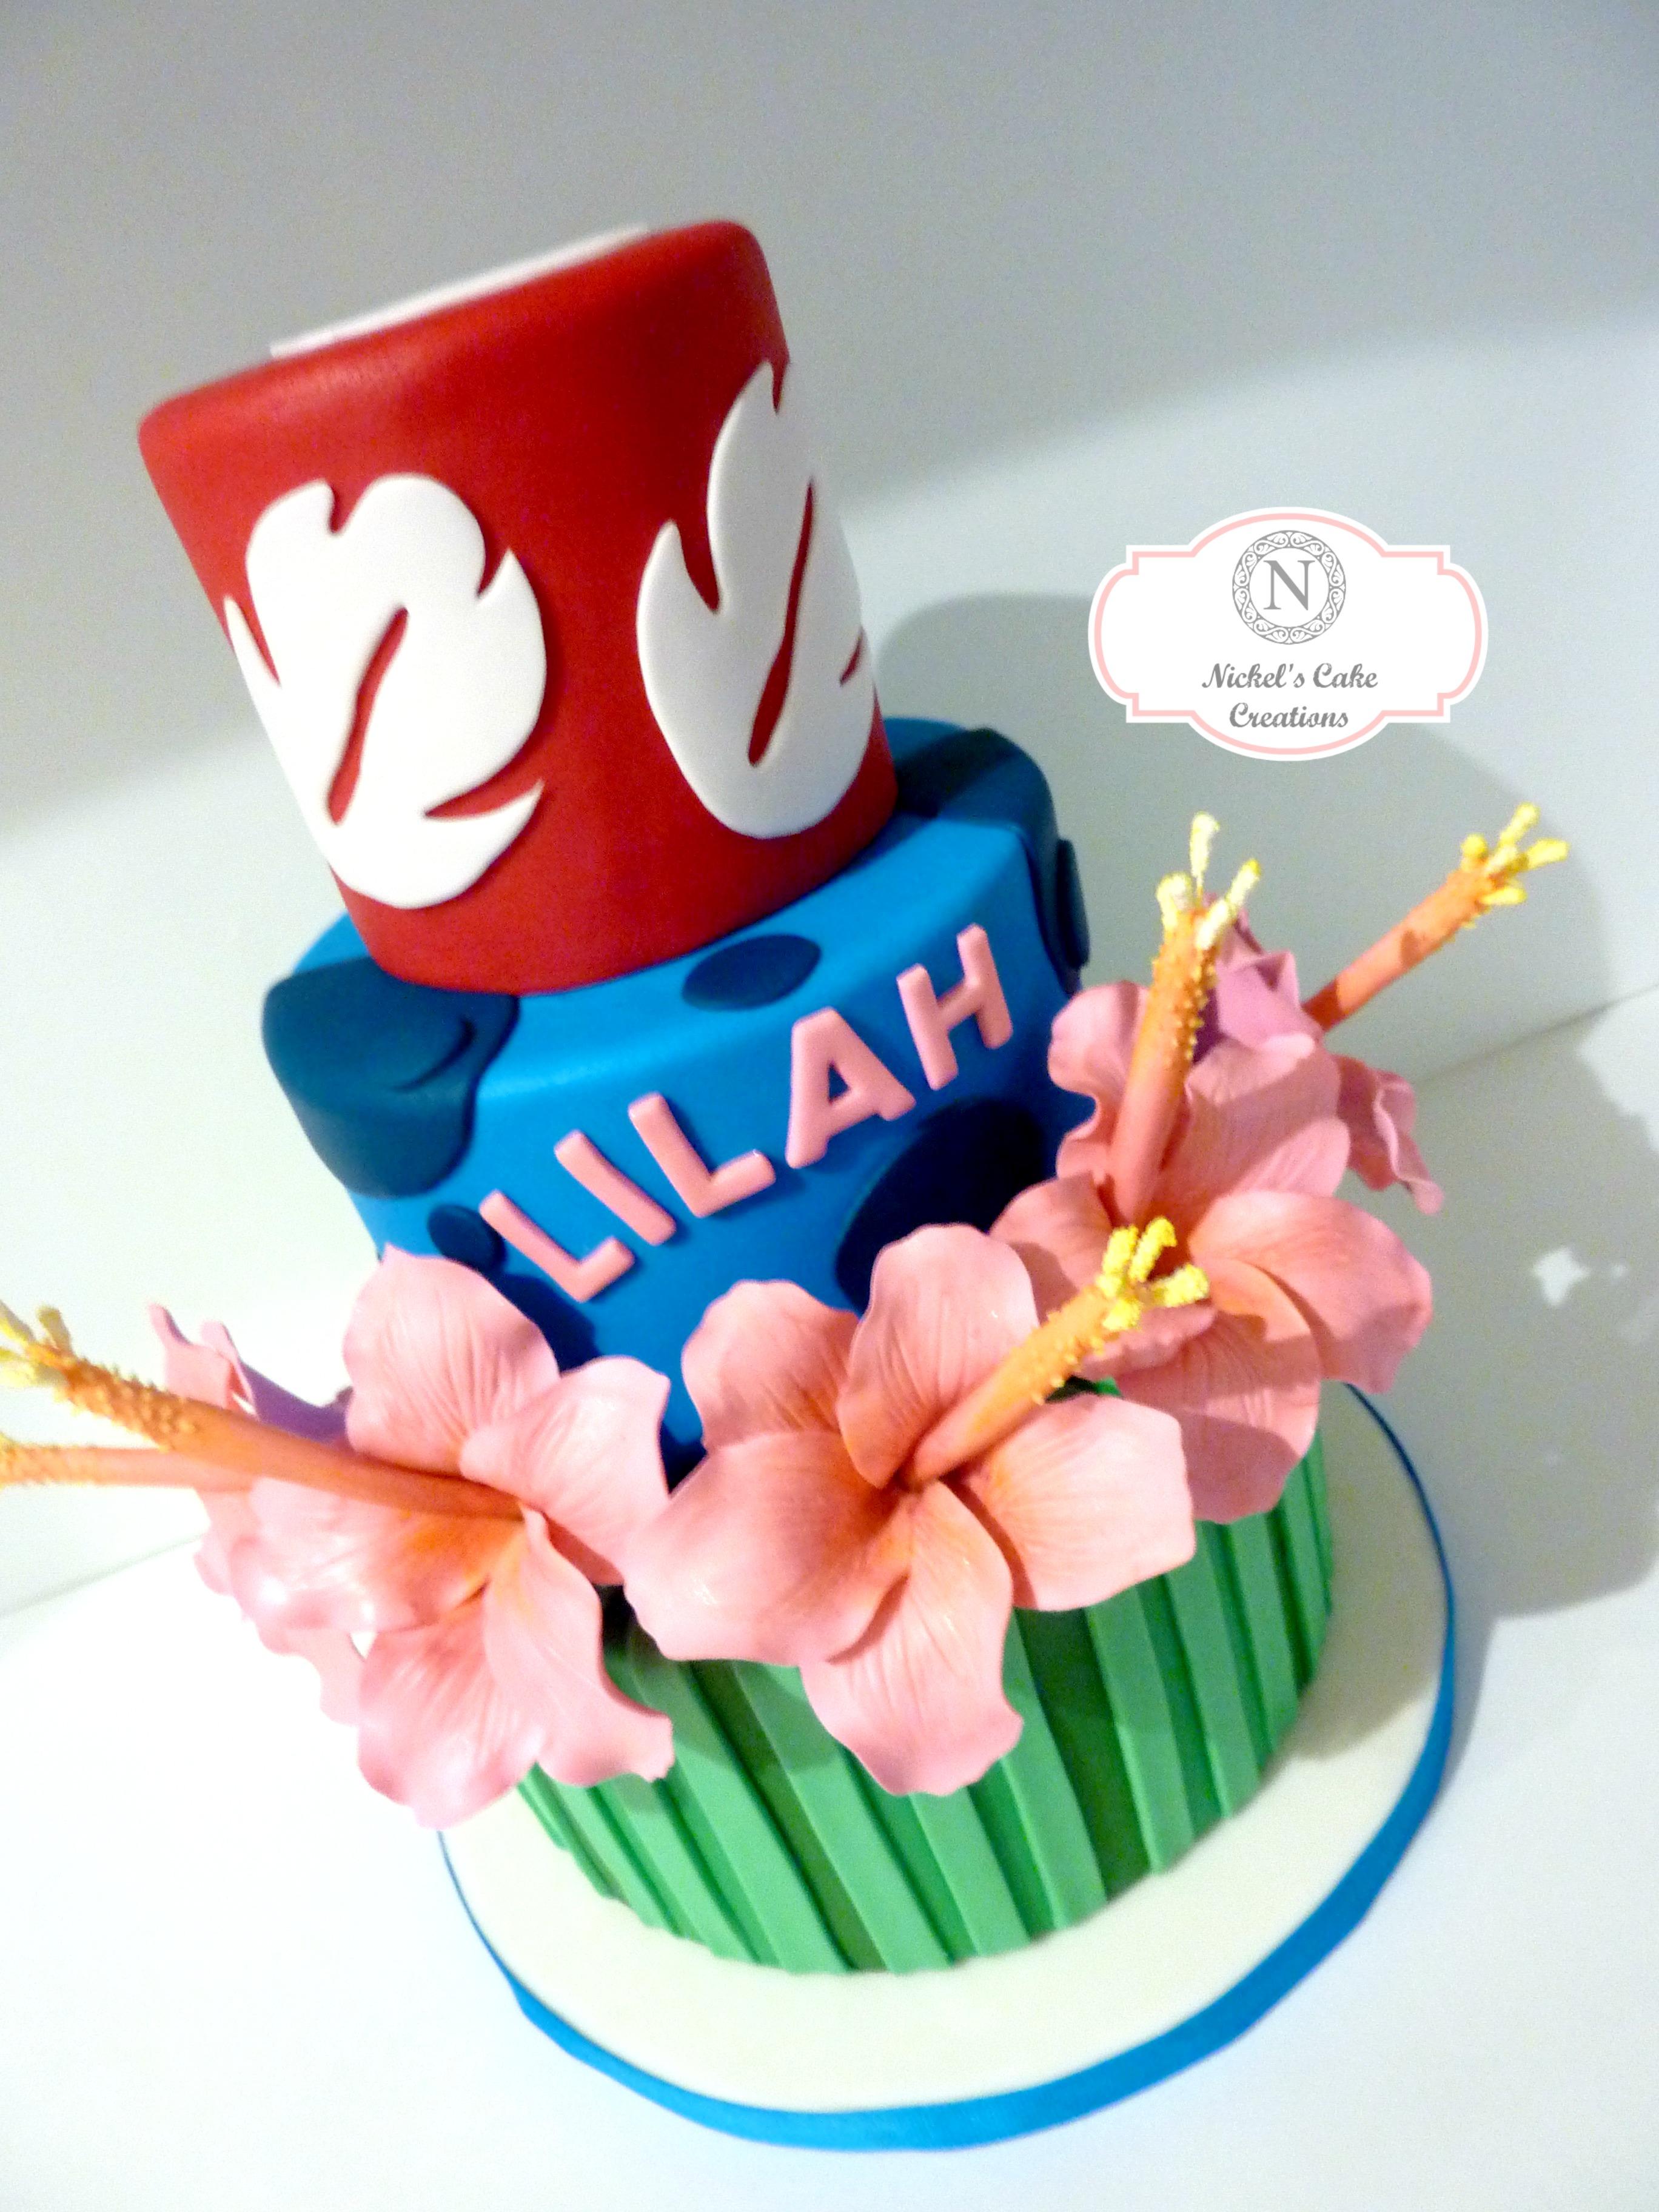 Lilo N Stitch W Logo Nickels Cake Creations